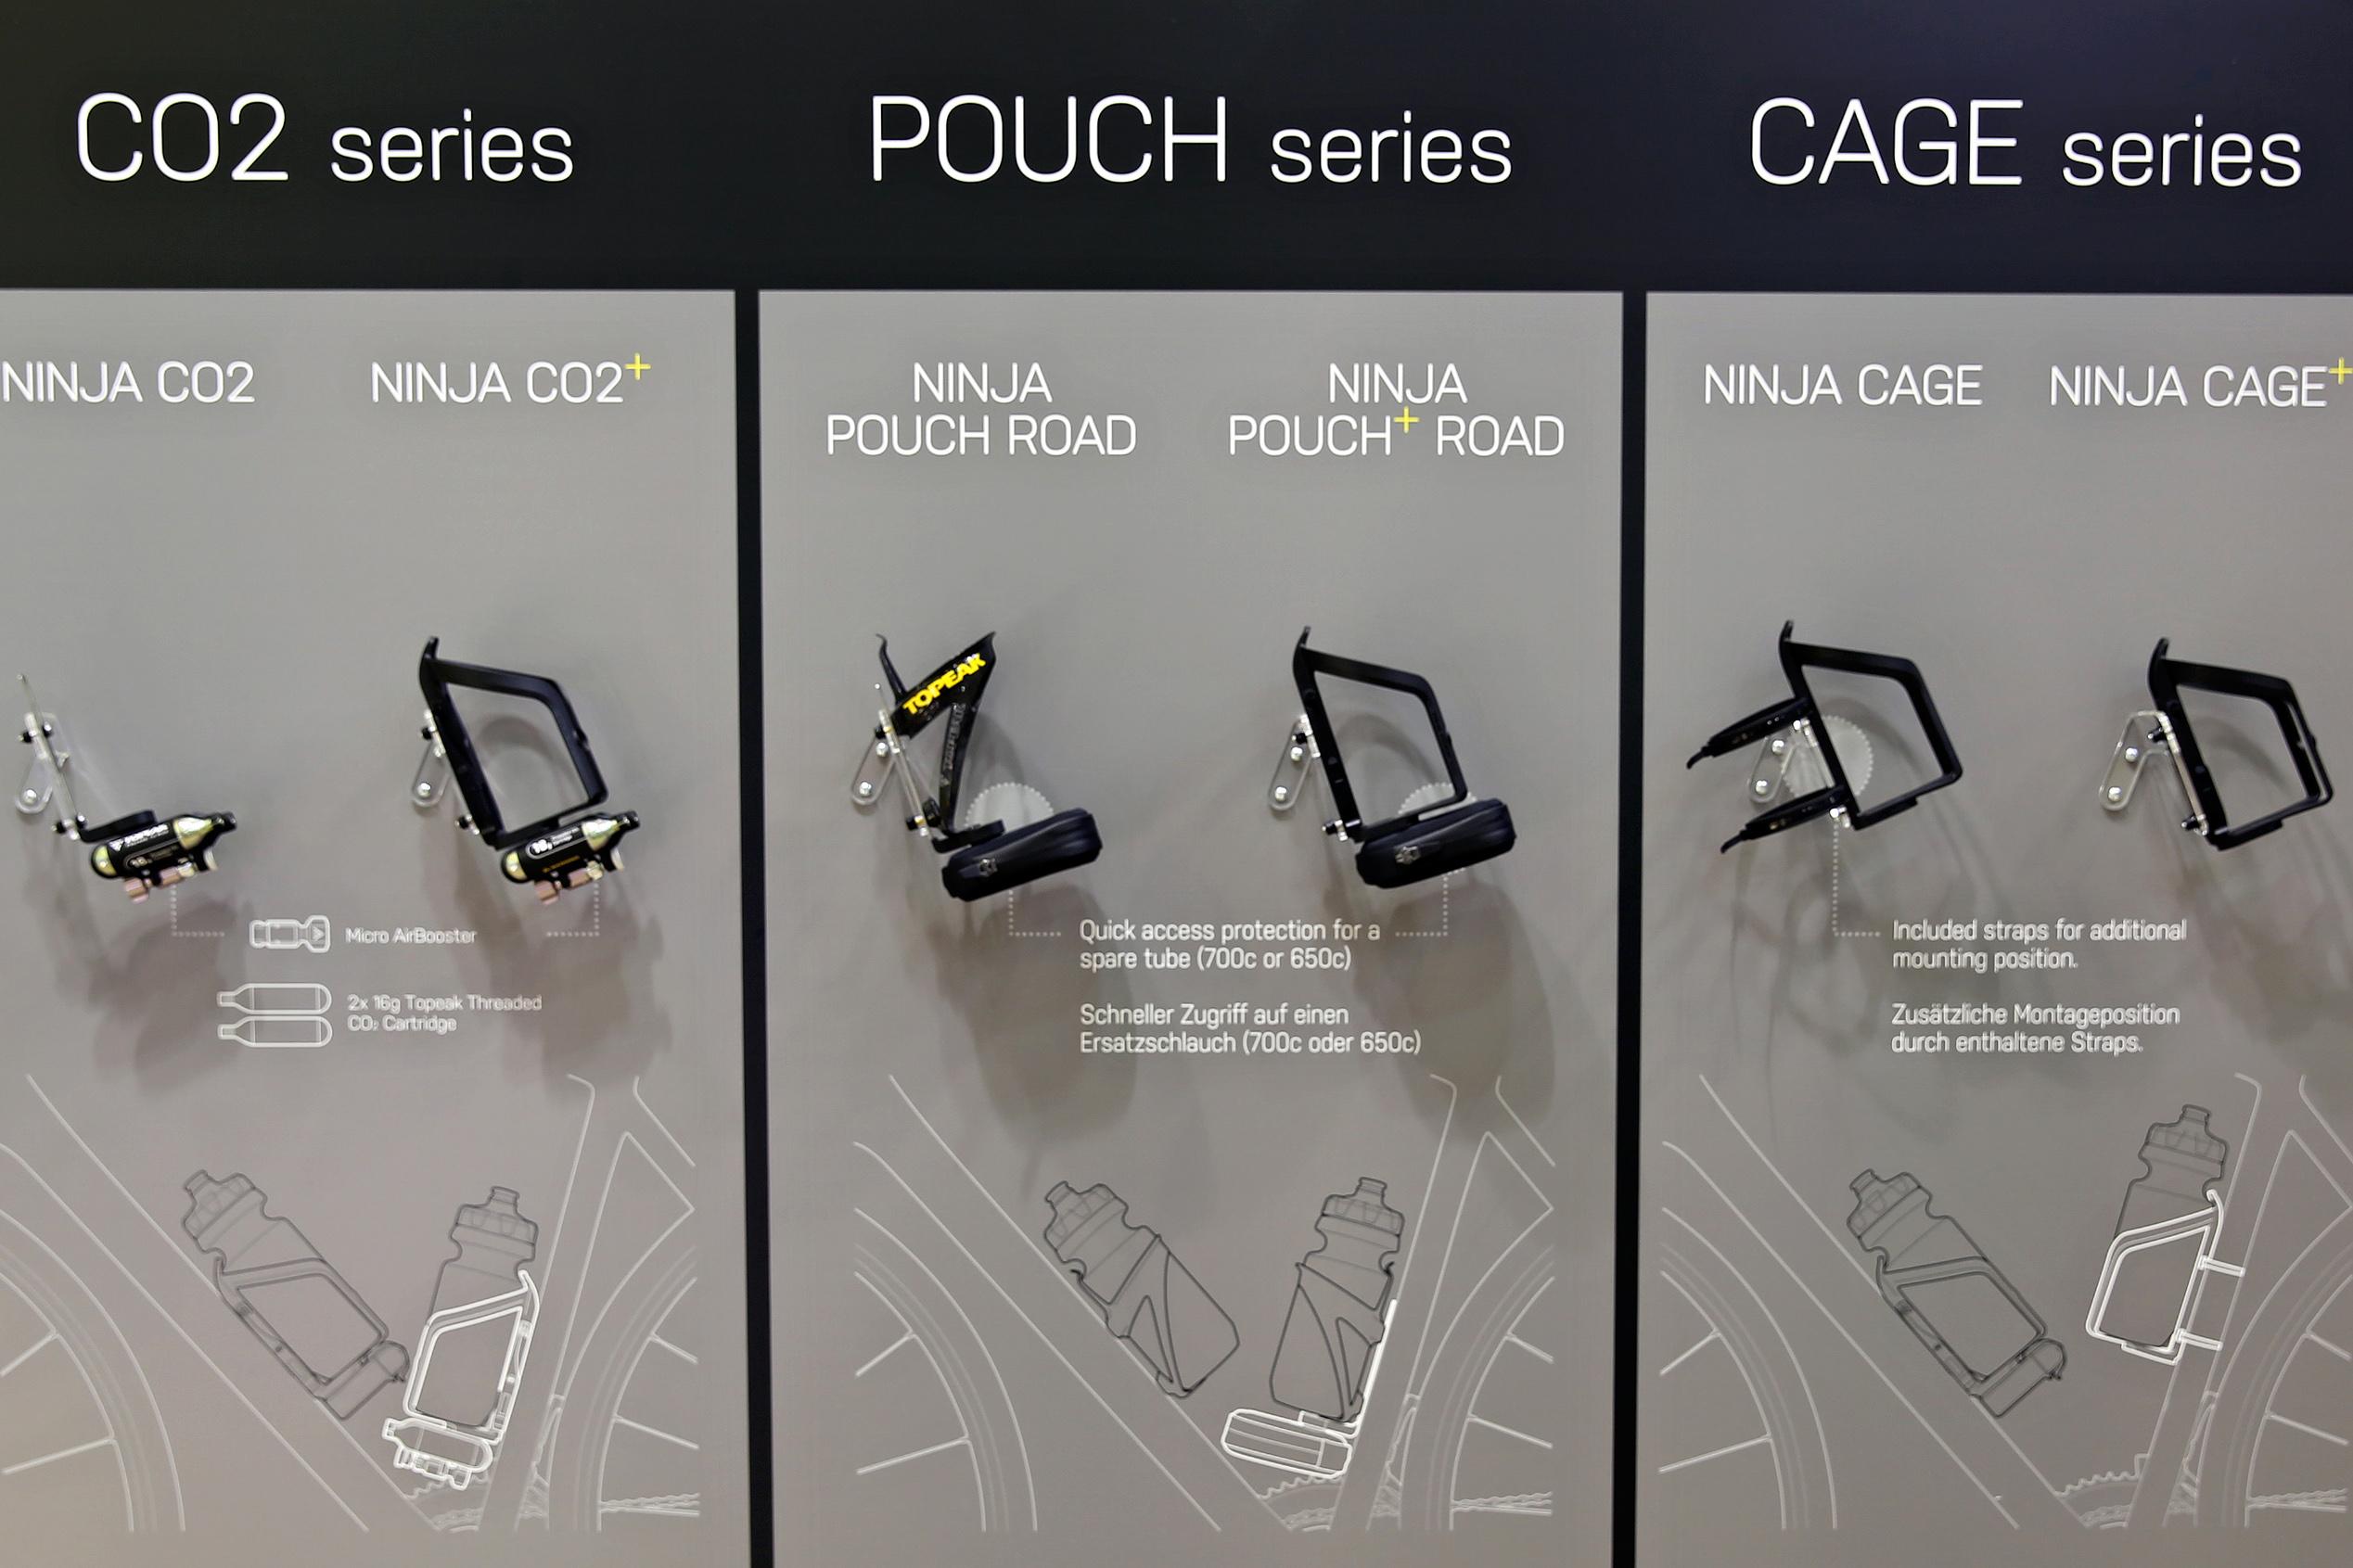 A díjnyertes Ninja széria fő erőssége eddig a rejtőzködés volt, jövőre a hangsúly még inkább az integrált megoldásokon lesz